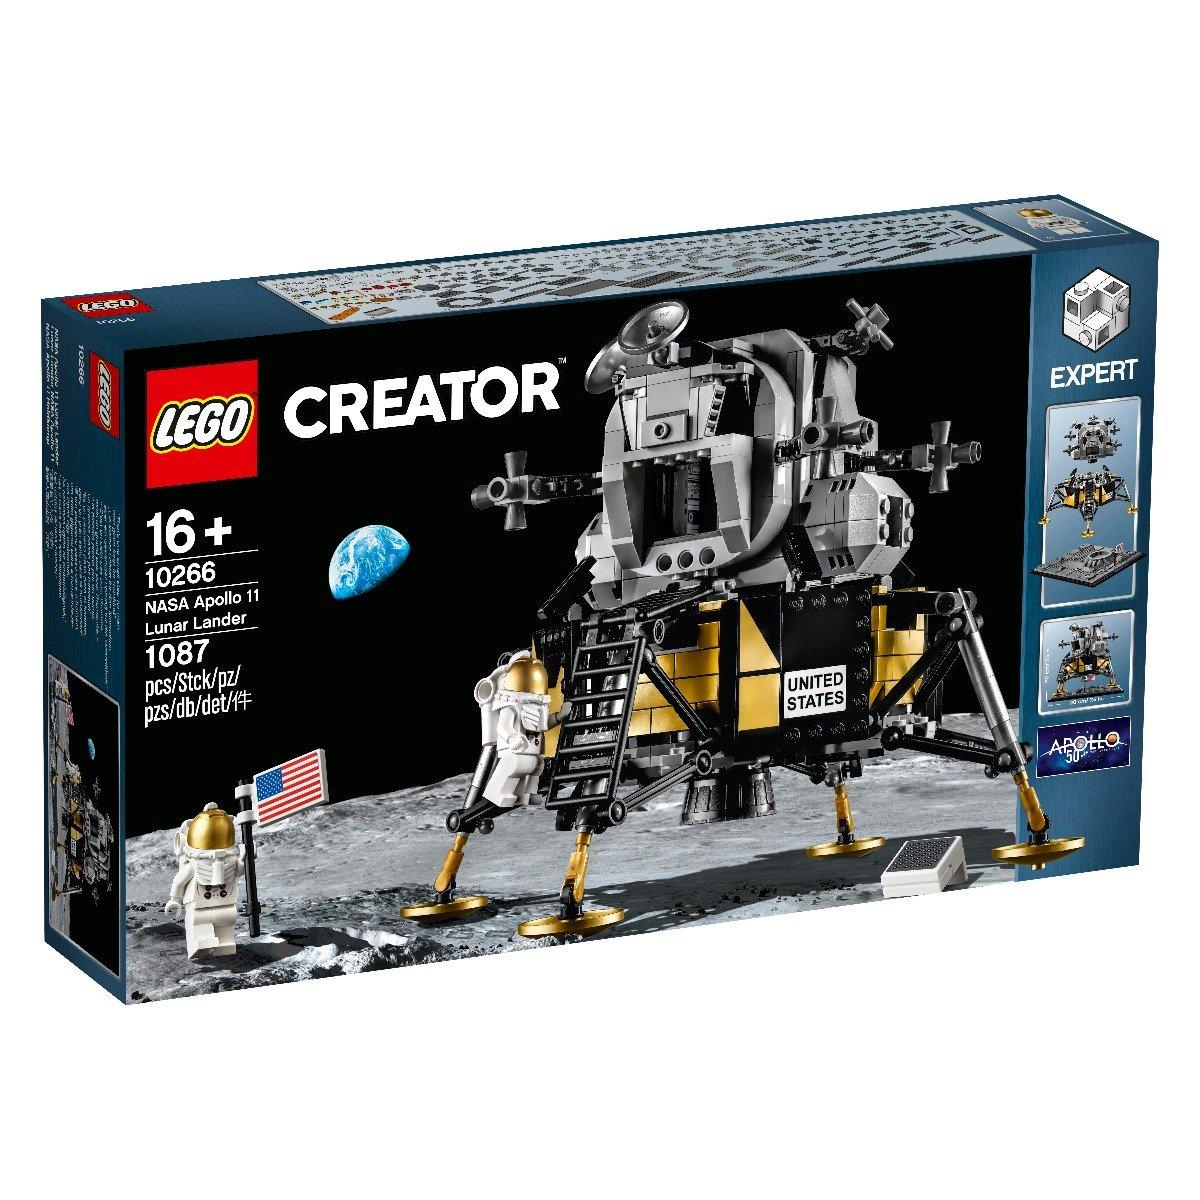 LEGO® Creator Expert - Modulul lunar Apollo 11 NASA (10266)